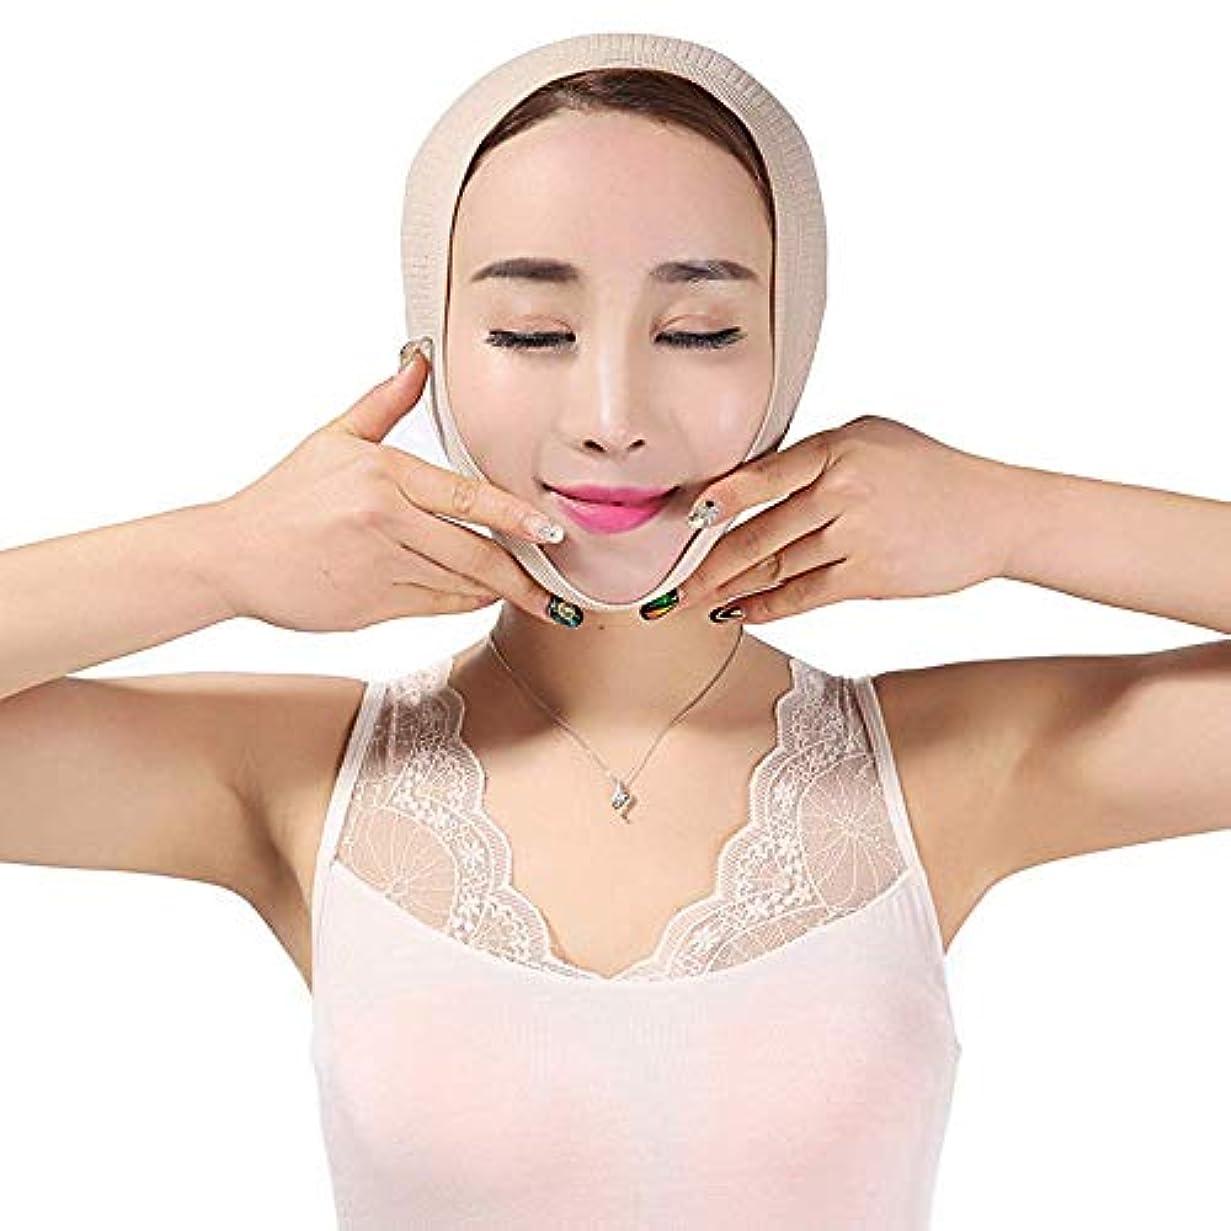 幻滅するうん調停者薄い顔の器械のマスクの改装の包帯Vの表面持ち上がることの引き締めの美顔術の二重最大の顔のマッサージャー